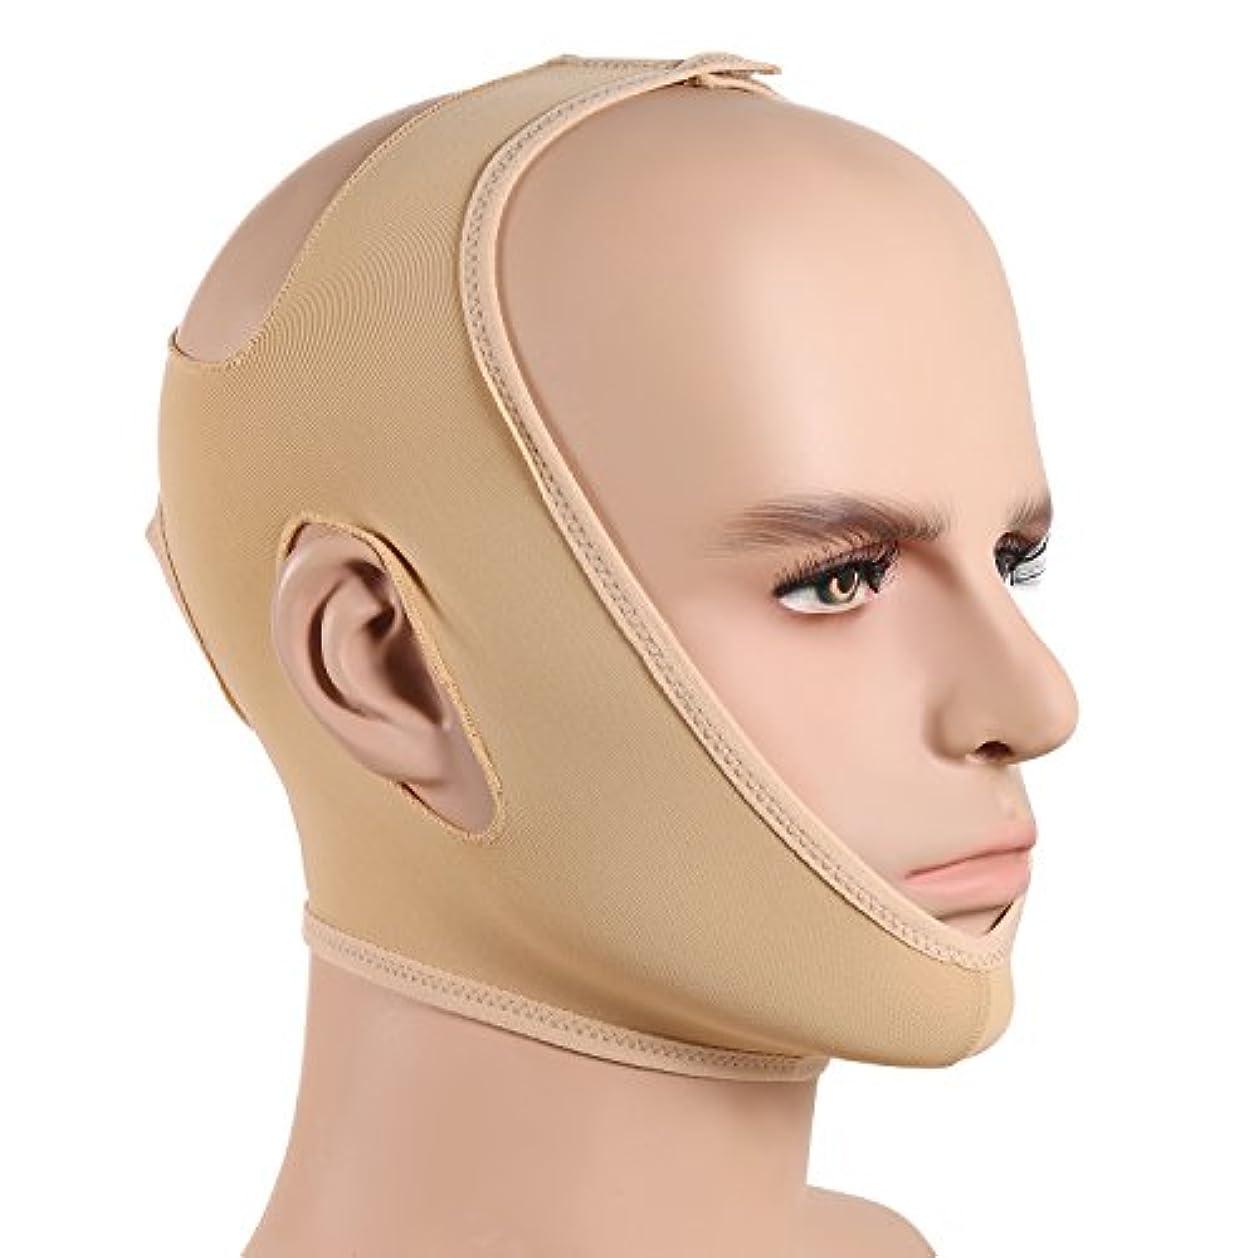 情緒的デジタル不足JewelryWe 小顔ベルト 美顔マスク 眠りながら 小顔 矯正 額、顎下、頬リフトアップ 小顔マスク 男女兼用 Mサイズ